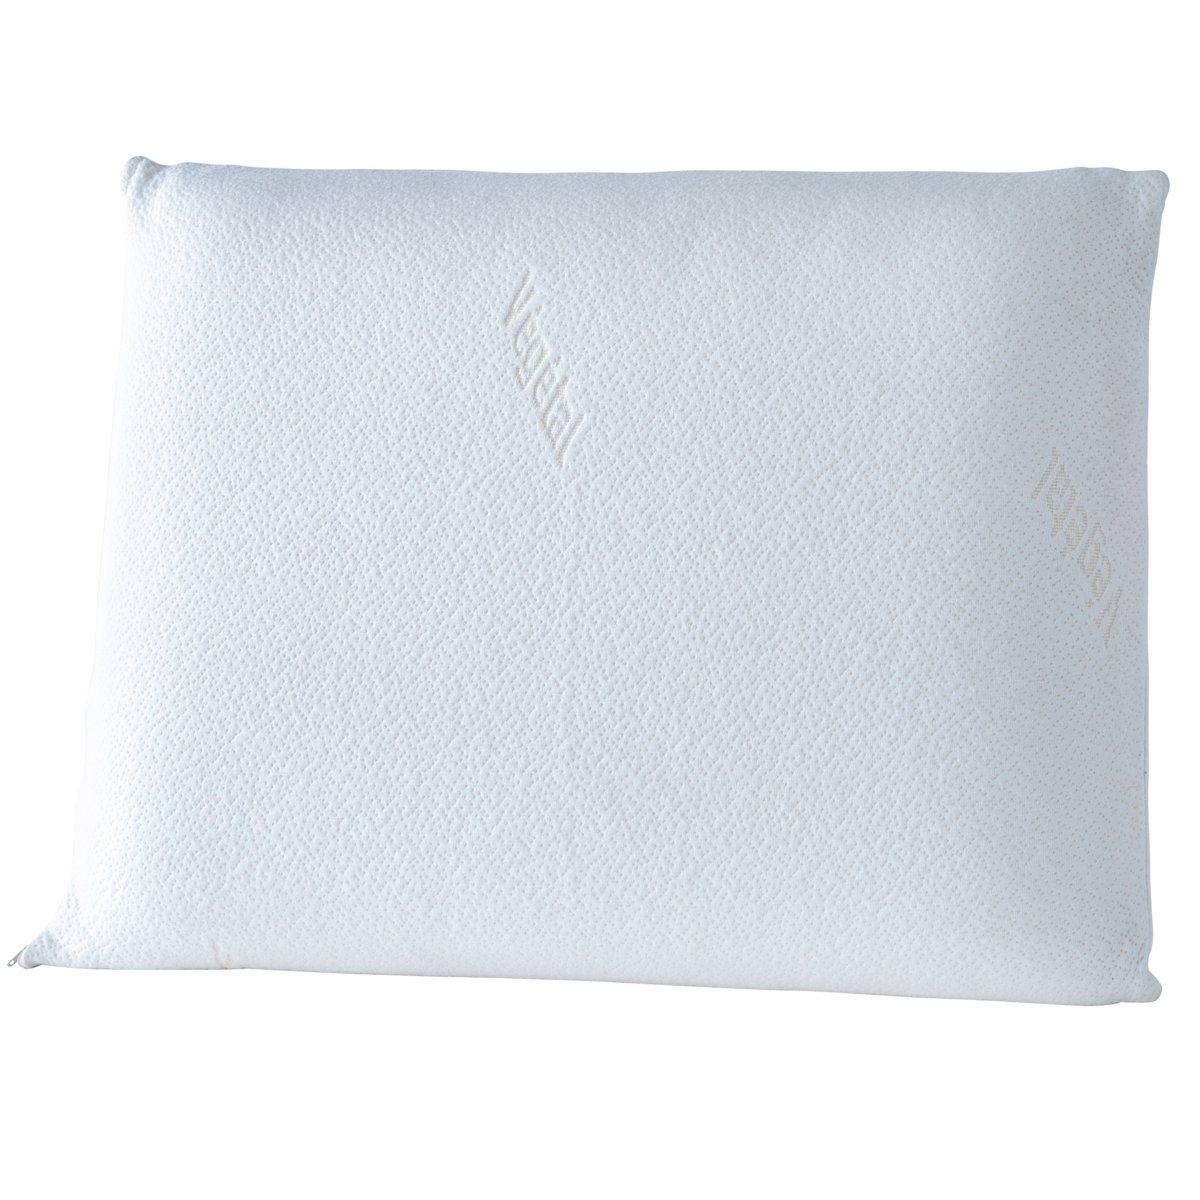 Подушка безворсовая с памятью формы подушка для сидения с памятью подушка сидушка про kz 0276